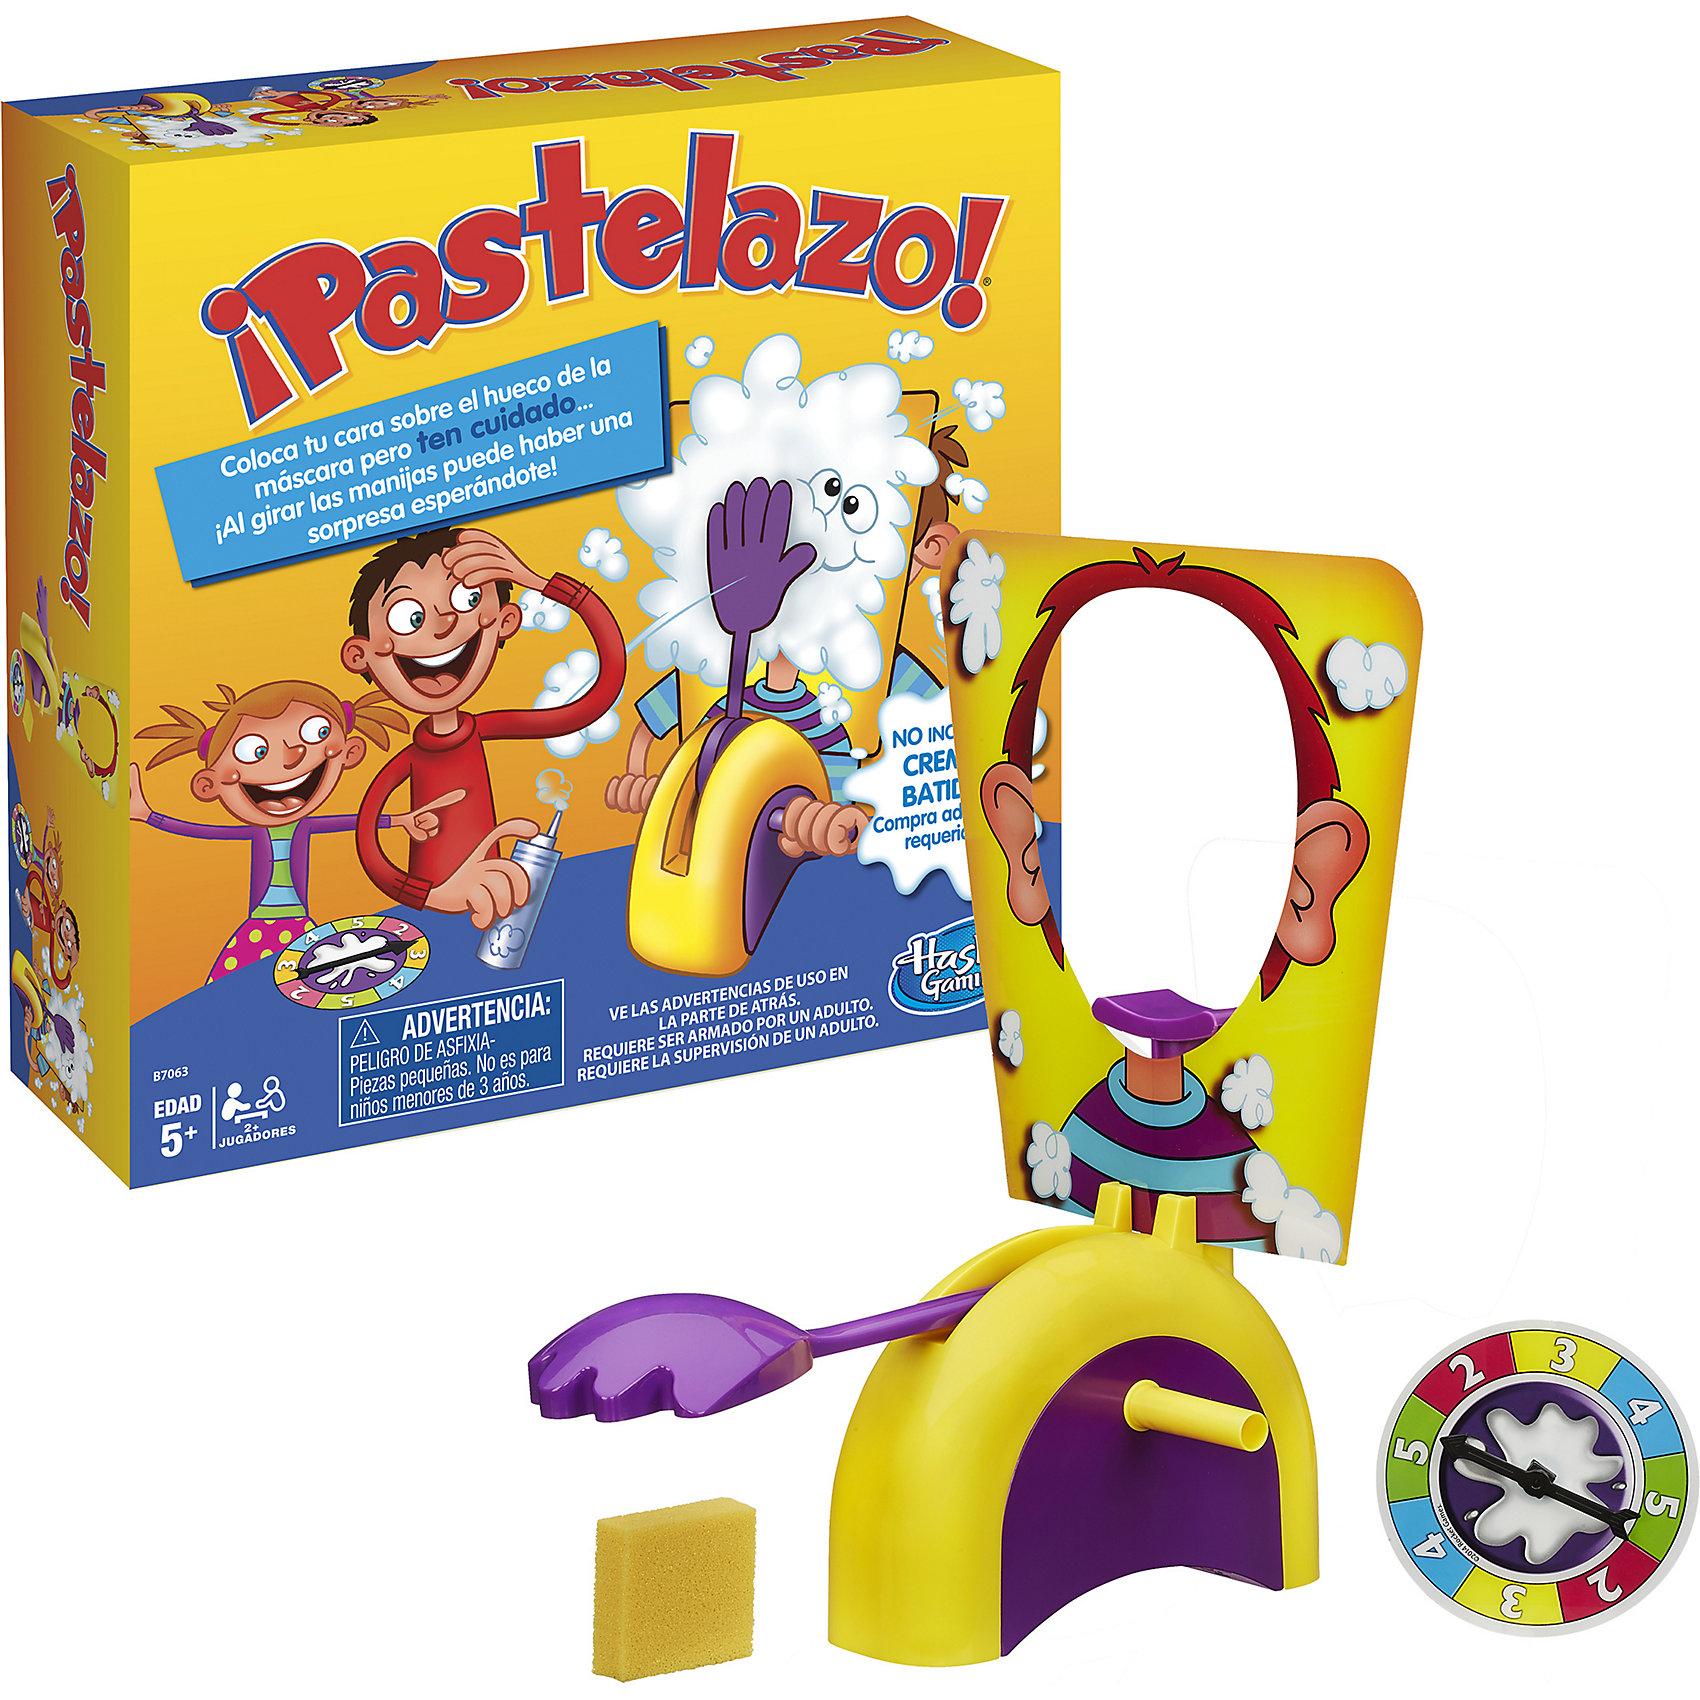 Игра Пирог в лицо, HasbroИгры для развлечений<br>Настольная игра от Hasbro - Пирог в лицо! В набор настольной игры входят: игровая катапульта, рука для запуска, 2 ручки для прокручивания механизма, фиксатор подбородка, маска с овальным отвестием для лица, рулетка, губка и подробная инструкция. Использовать можно не только пирог, но и взбитые сливки, мороженое, пену для бритья - все зависит только от вашей фантазии. Правила игры просты, она представляет собой подобие русской рулетки: нужно поместить голову в специальное отверстие на панели с смешными нарисованными ушами, затем крутить рулетку и поворачивать ручки столько раз, сколько выпадет. Когда сработает механизм - никто не знает, именно поэтому игра такая смешная и увлекательная!<br><br>Ширина мм: 270<br>Глубина мм: 270<br>Высота мм: 85<br>Вес г: 603<br>Возраст от месяцев: 60<br>Возраст до месяцев: 192<br>Пол: Унисекс<br>Возраст: Детский<br>SKU: 4653321